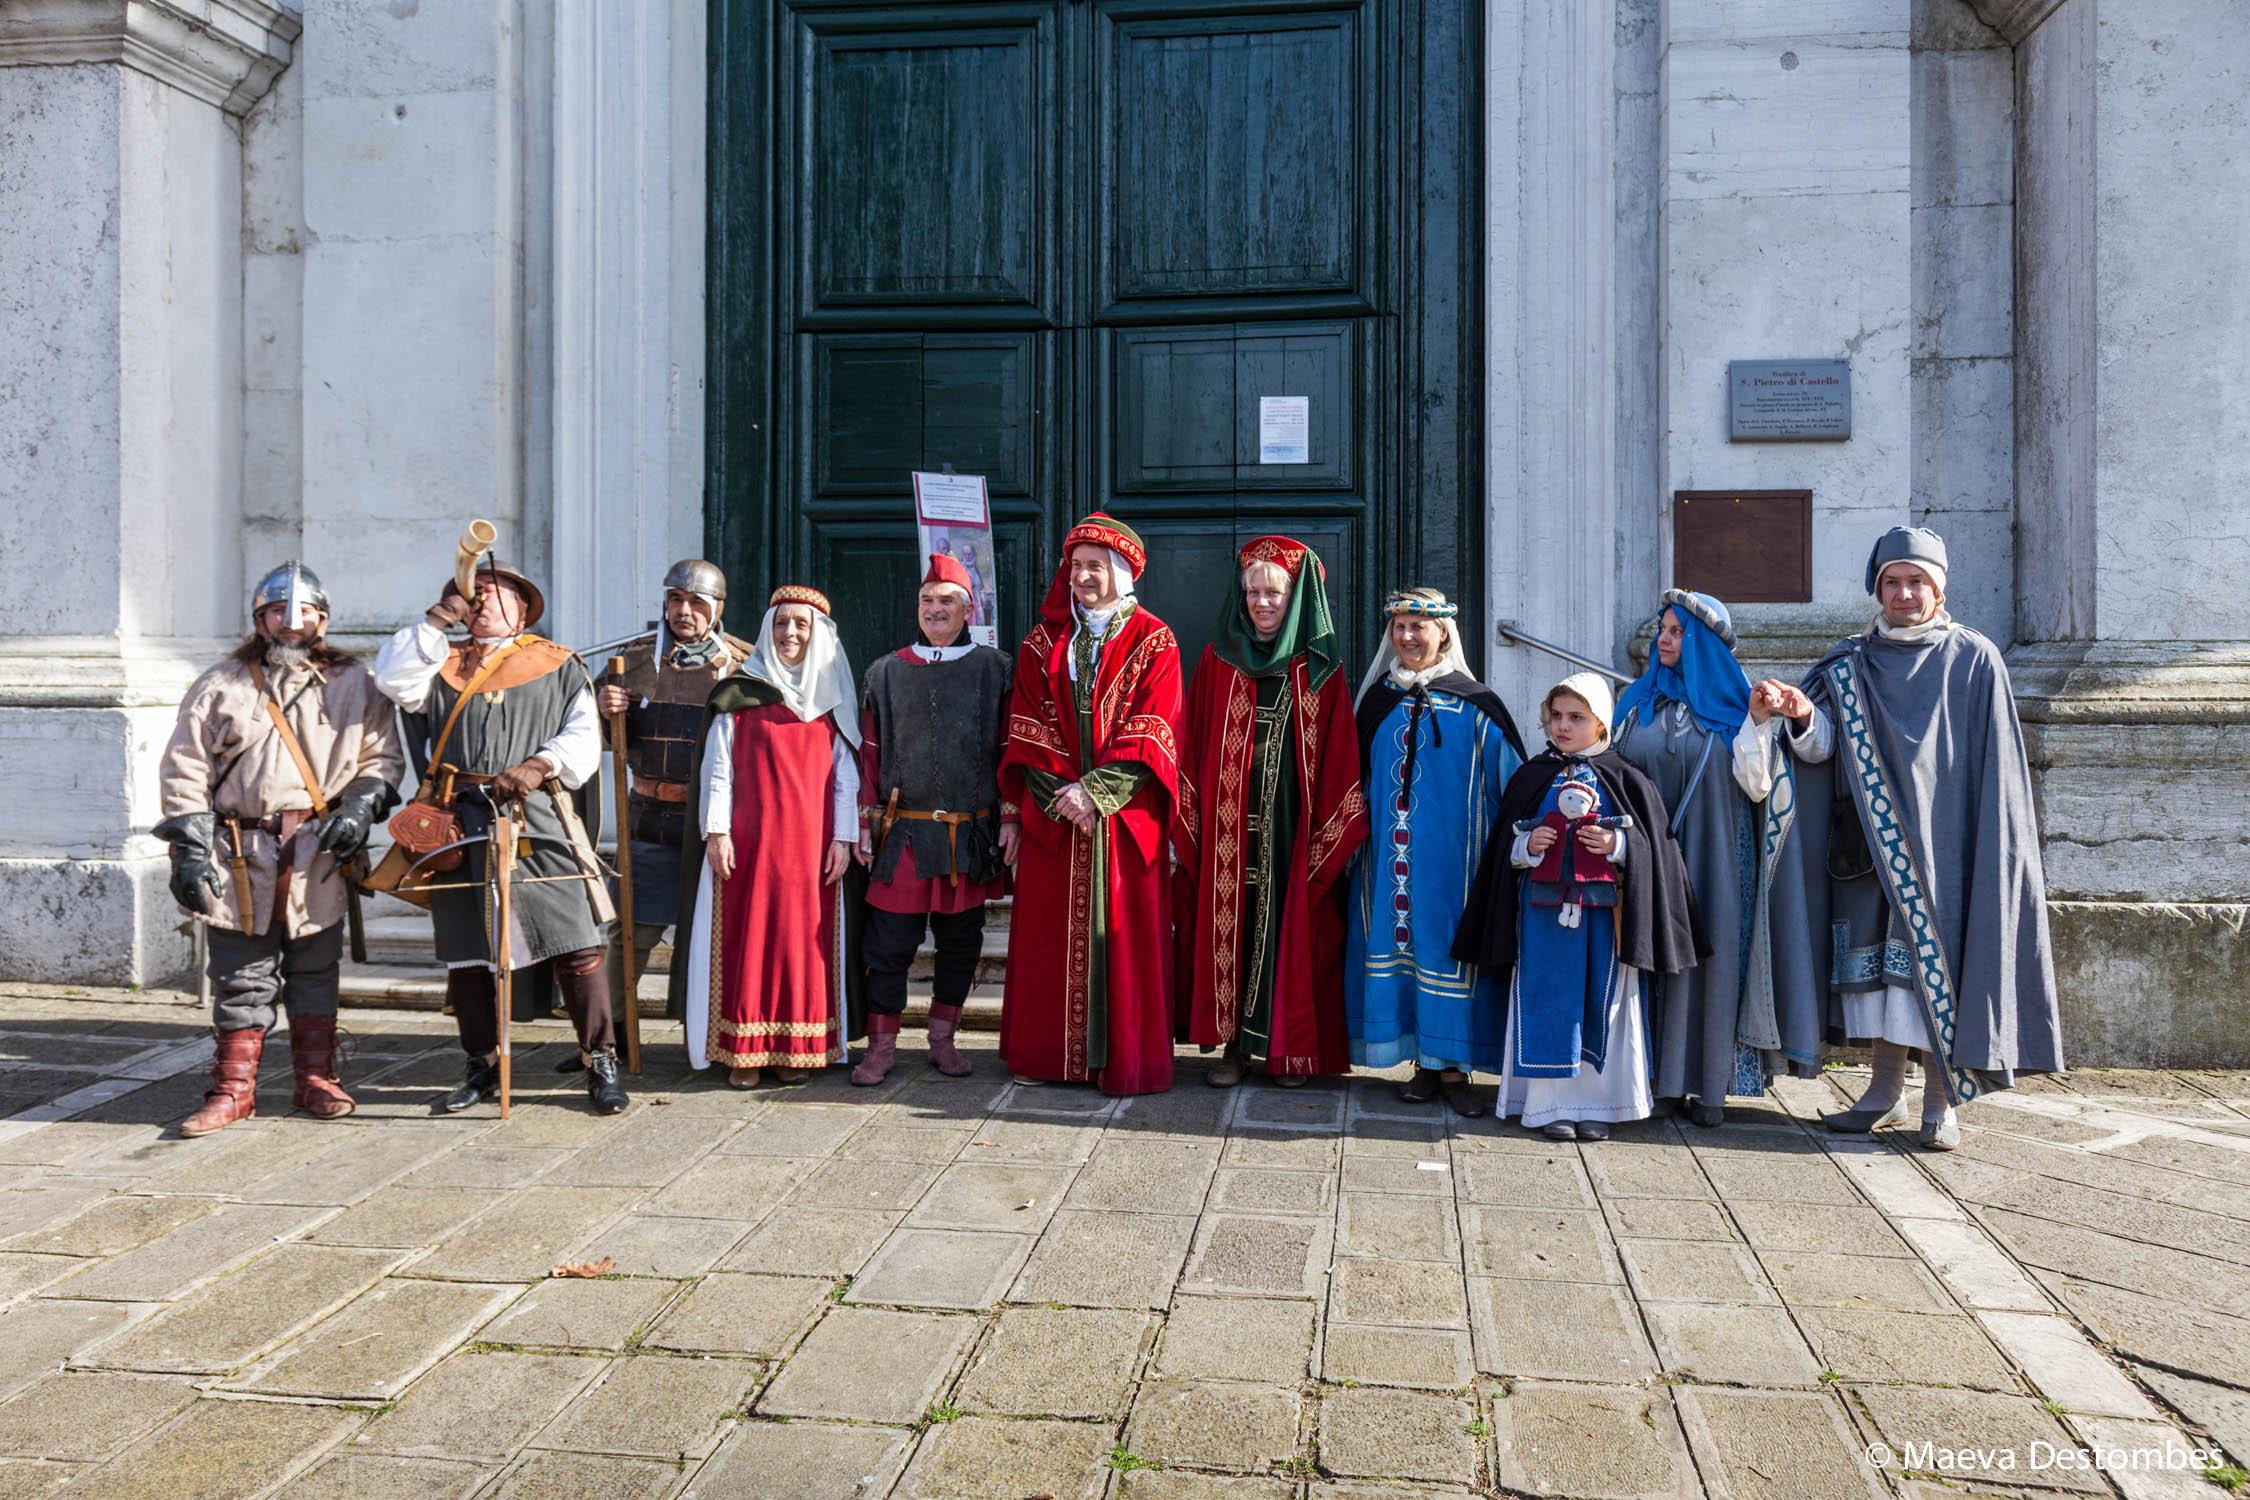 Onze personnes habillées de costumes médiévaux lors du carnaval de Venise